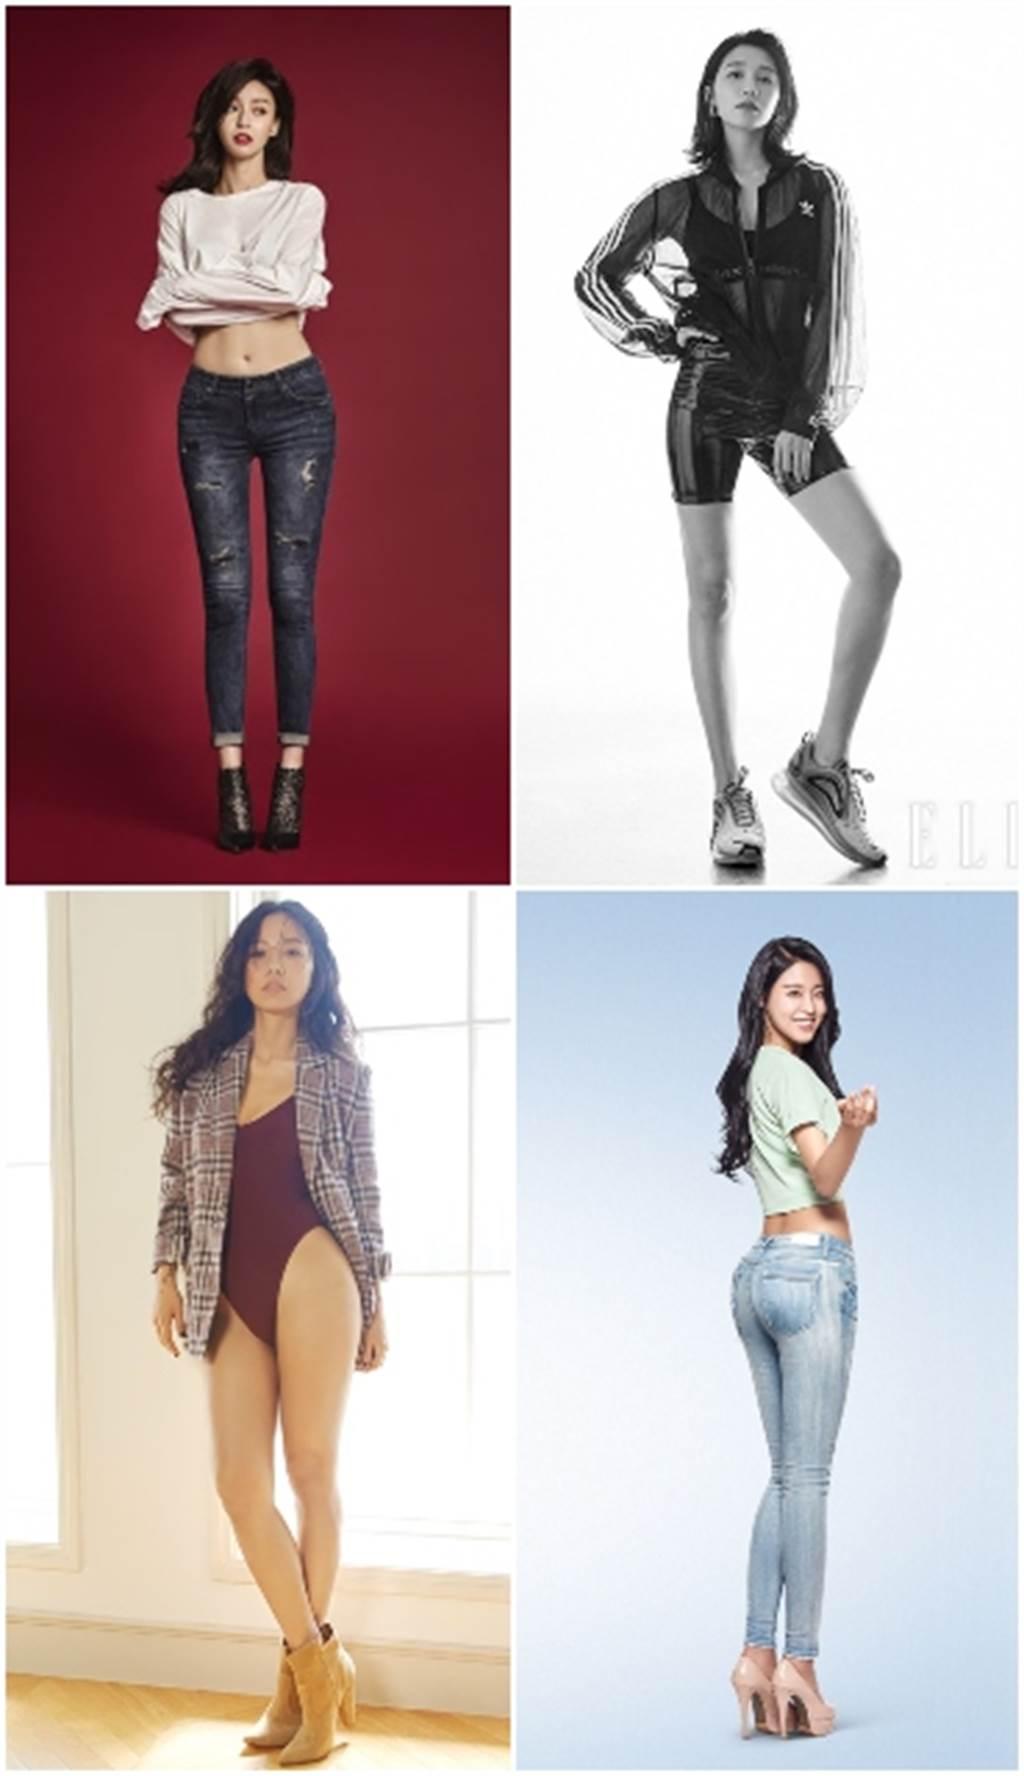 「5大最想要的女星身材」排行榜 泫雅竟消失還輸她(圖/allurekorea、ELLE、nate)